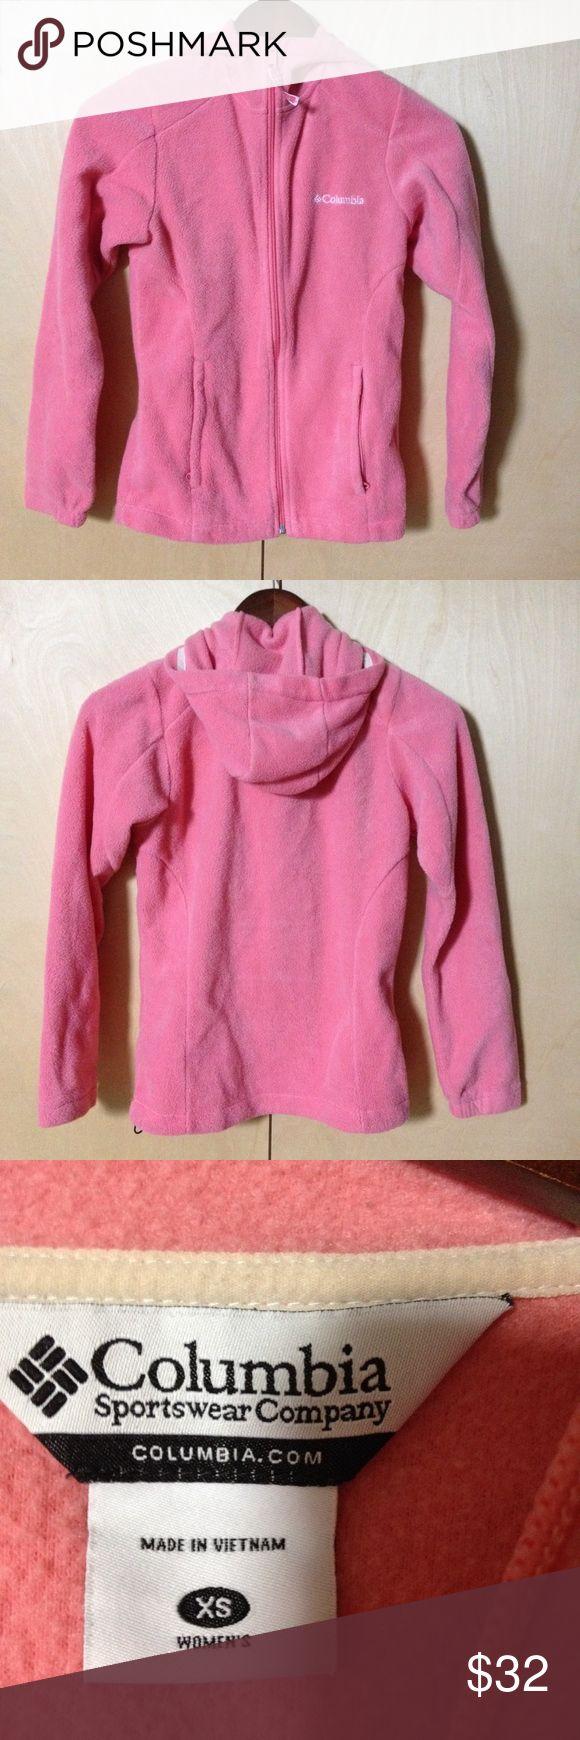 Columbia pink zip up hoodie fleece sz XS pockets Columbia Sportswear Company pink zip up hoodie fleece sz XS pockets Columbia Tops Sweatshirts & Hoodies